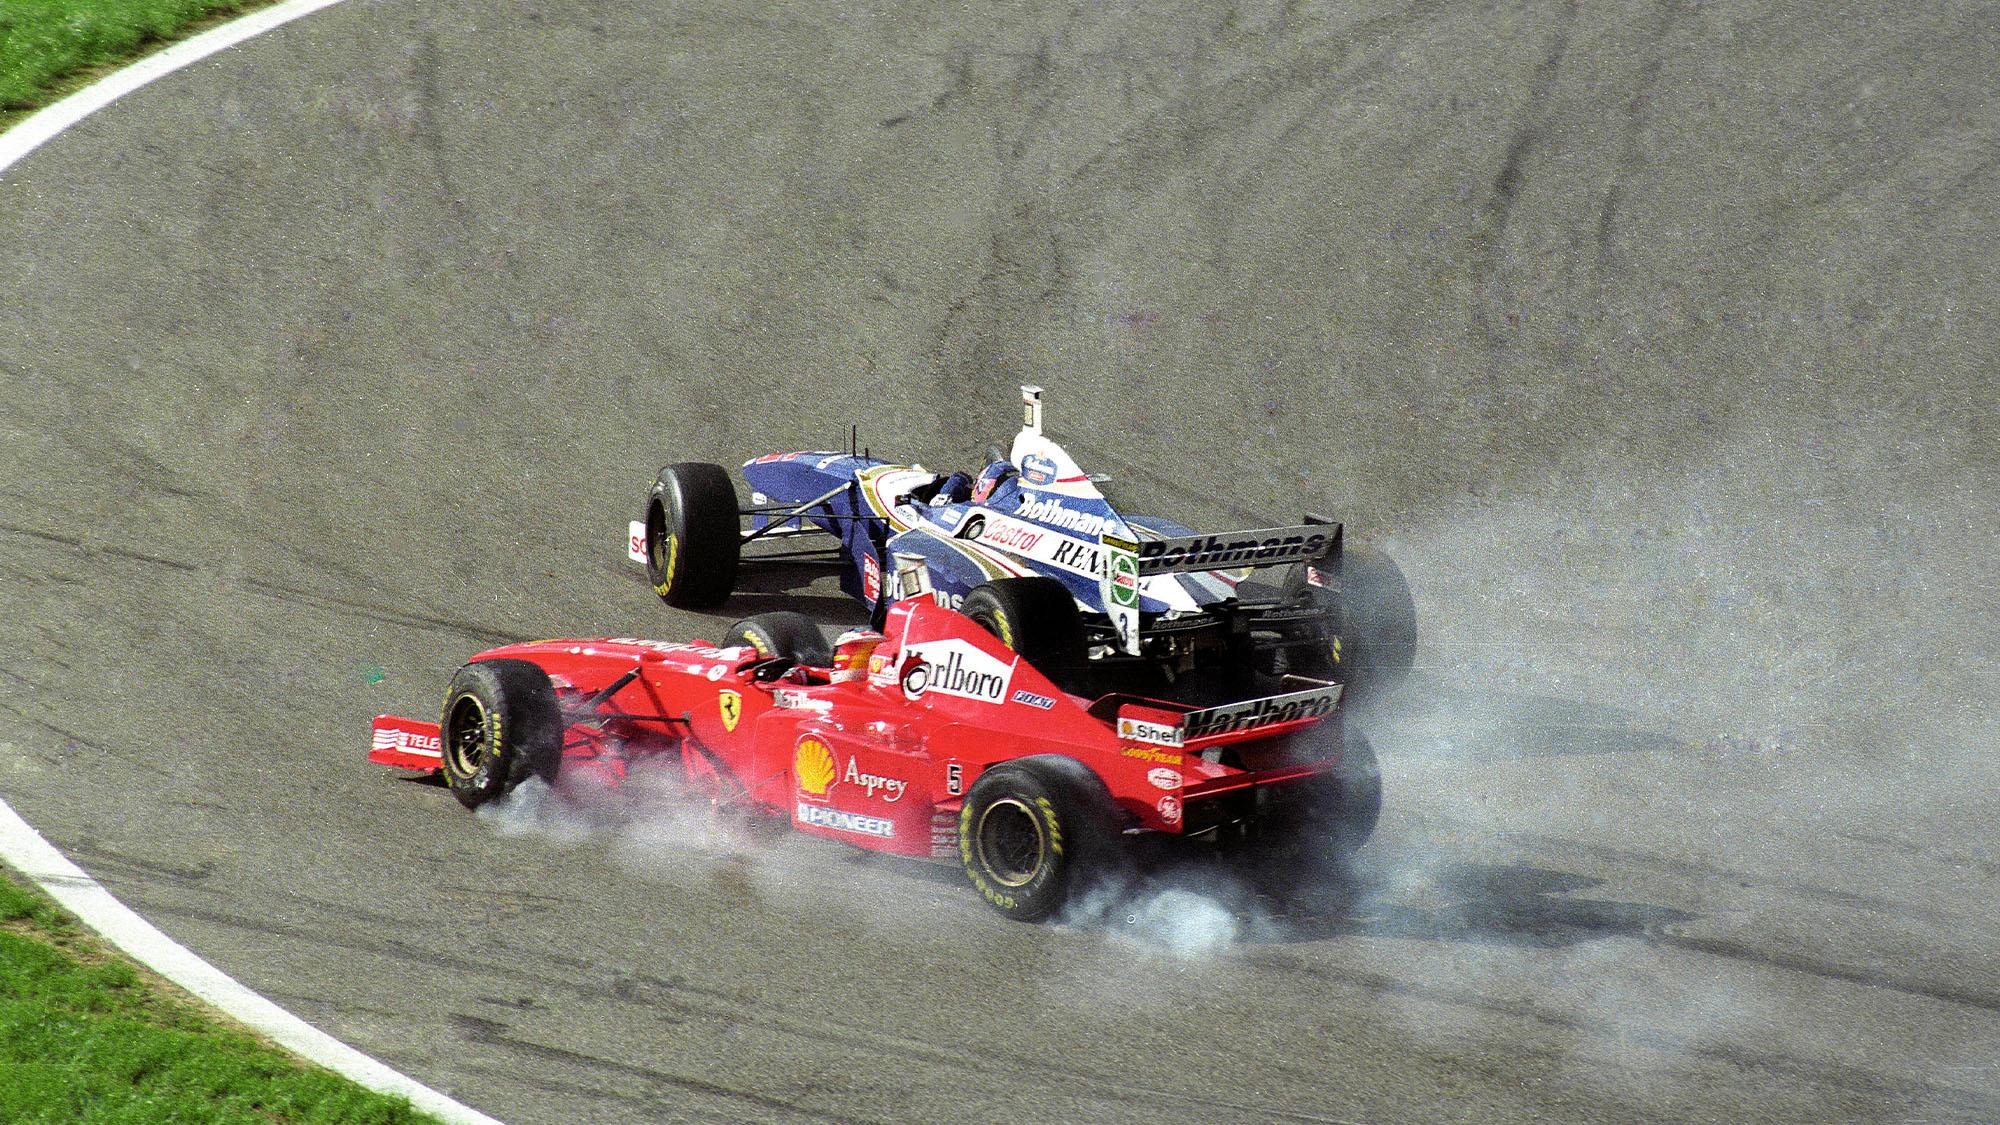 Michael Schuamcher crashes into Jacques Villeneuve at the 1997 European GP Jerez